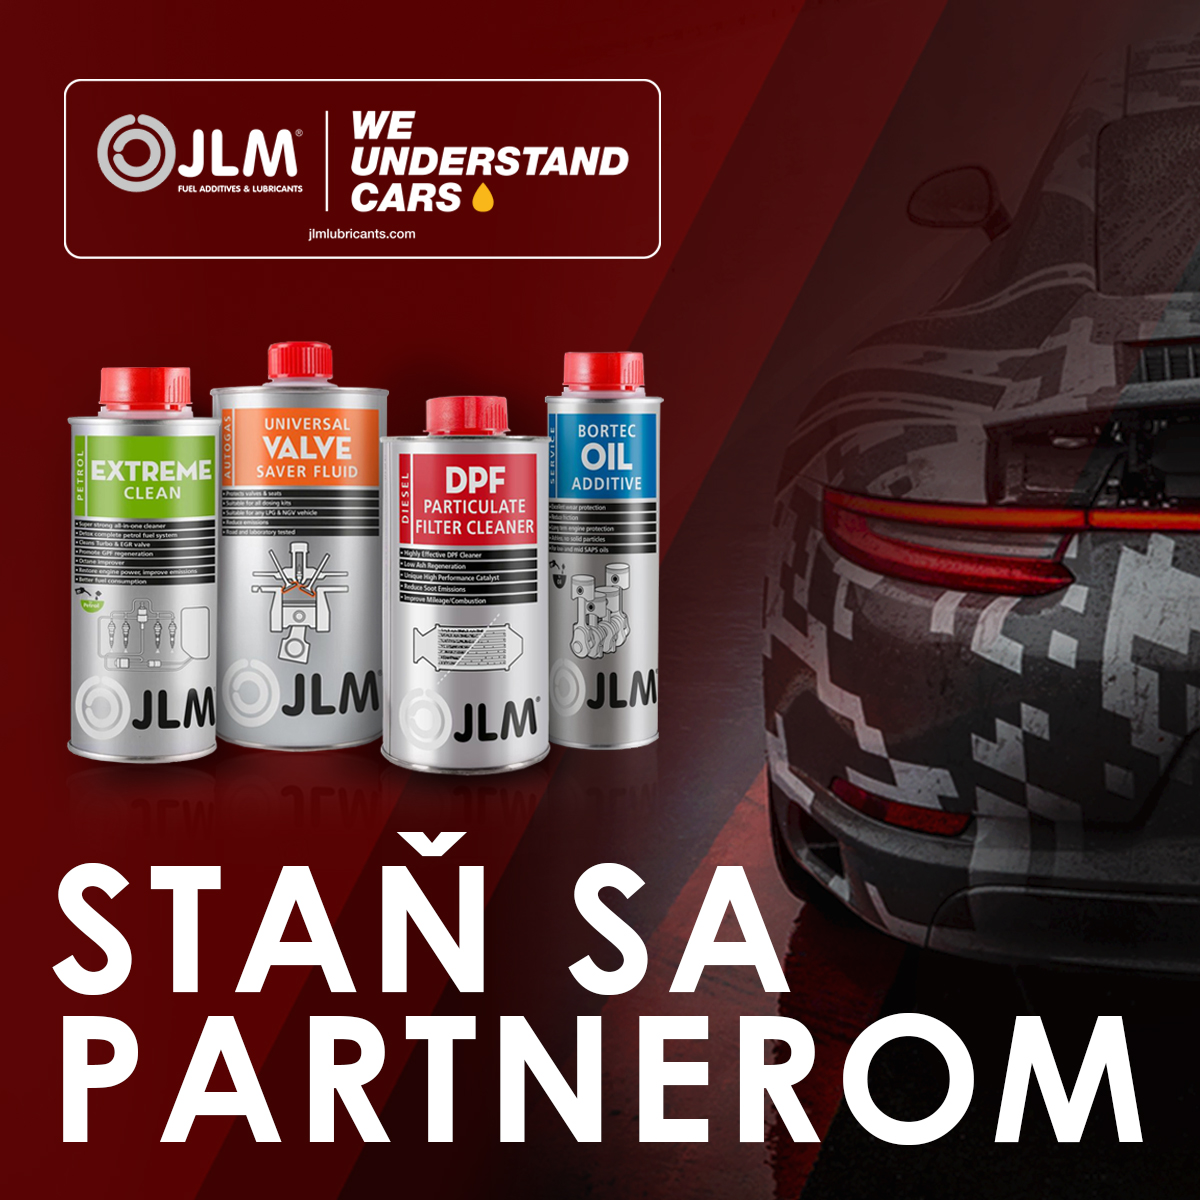 Staň sa veľkoobchodným partnerom JLM